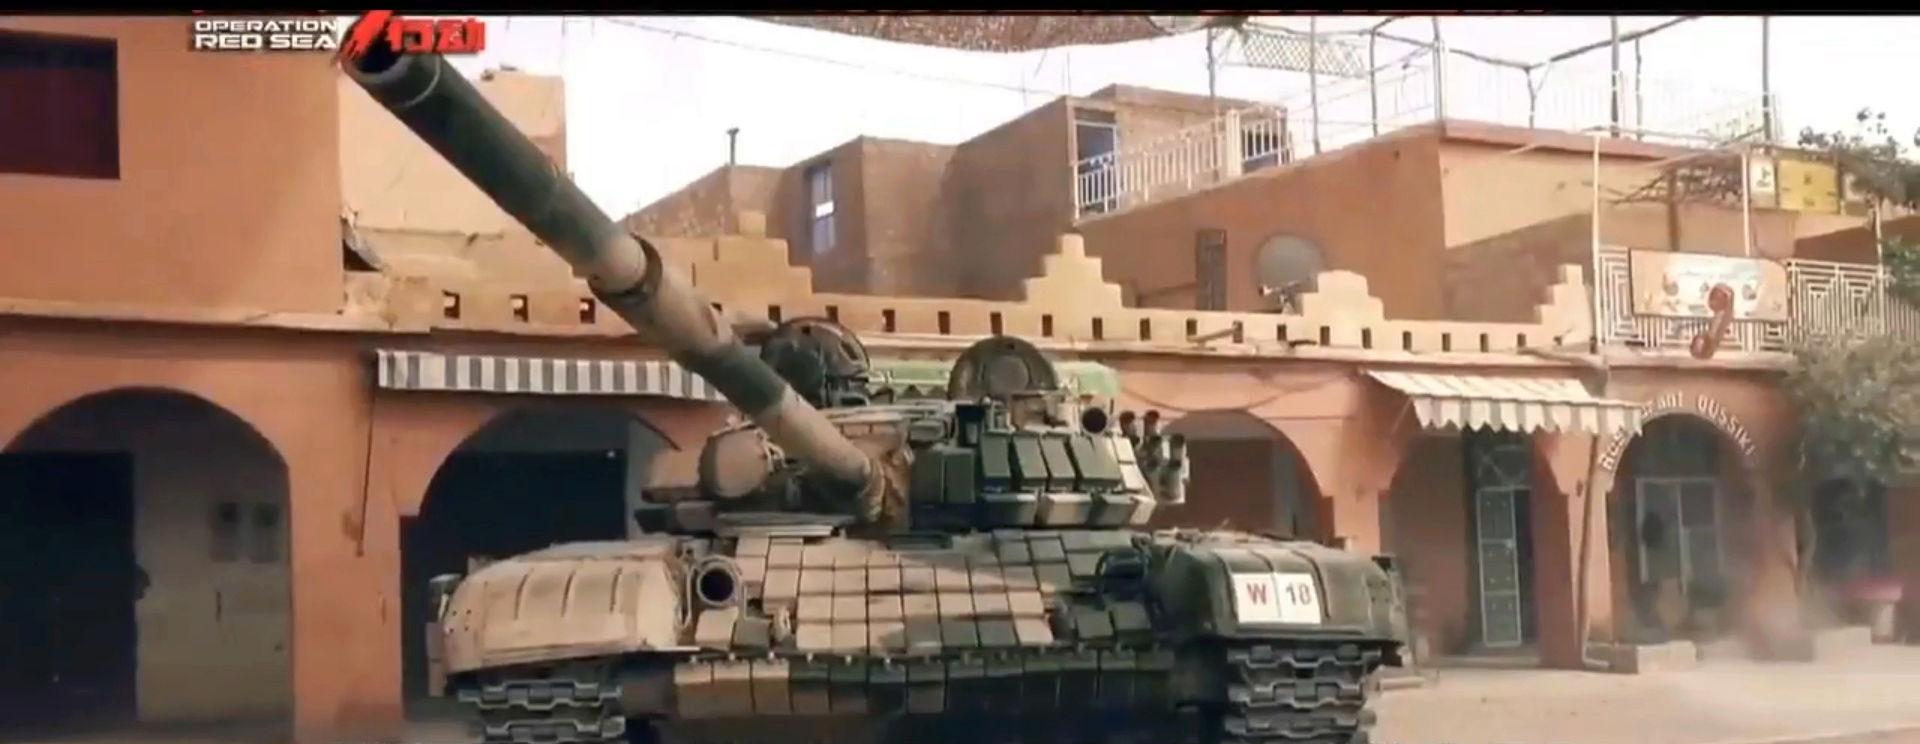 Photos - Chars de Combat / MBTs - Page 3 20180416